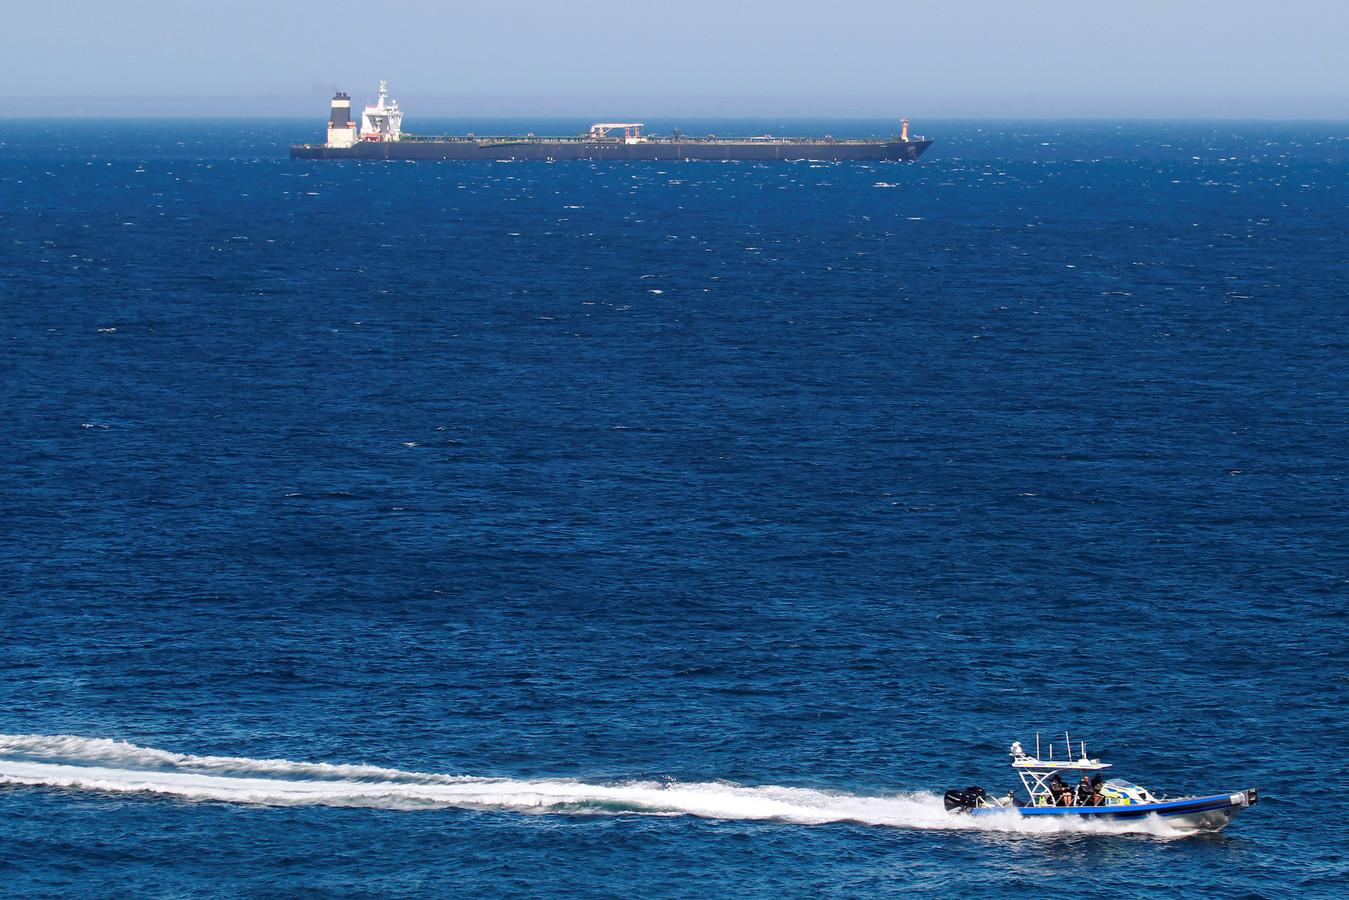 De Grace 1 - nu Adrian Darya-1 - (boven) voor de kust van Gibraltar.